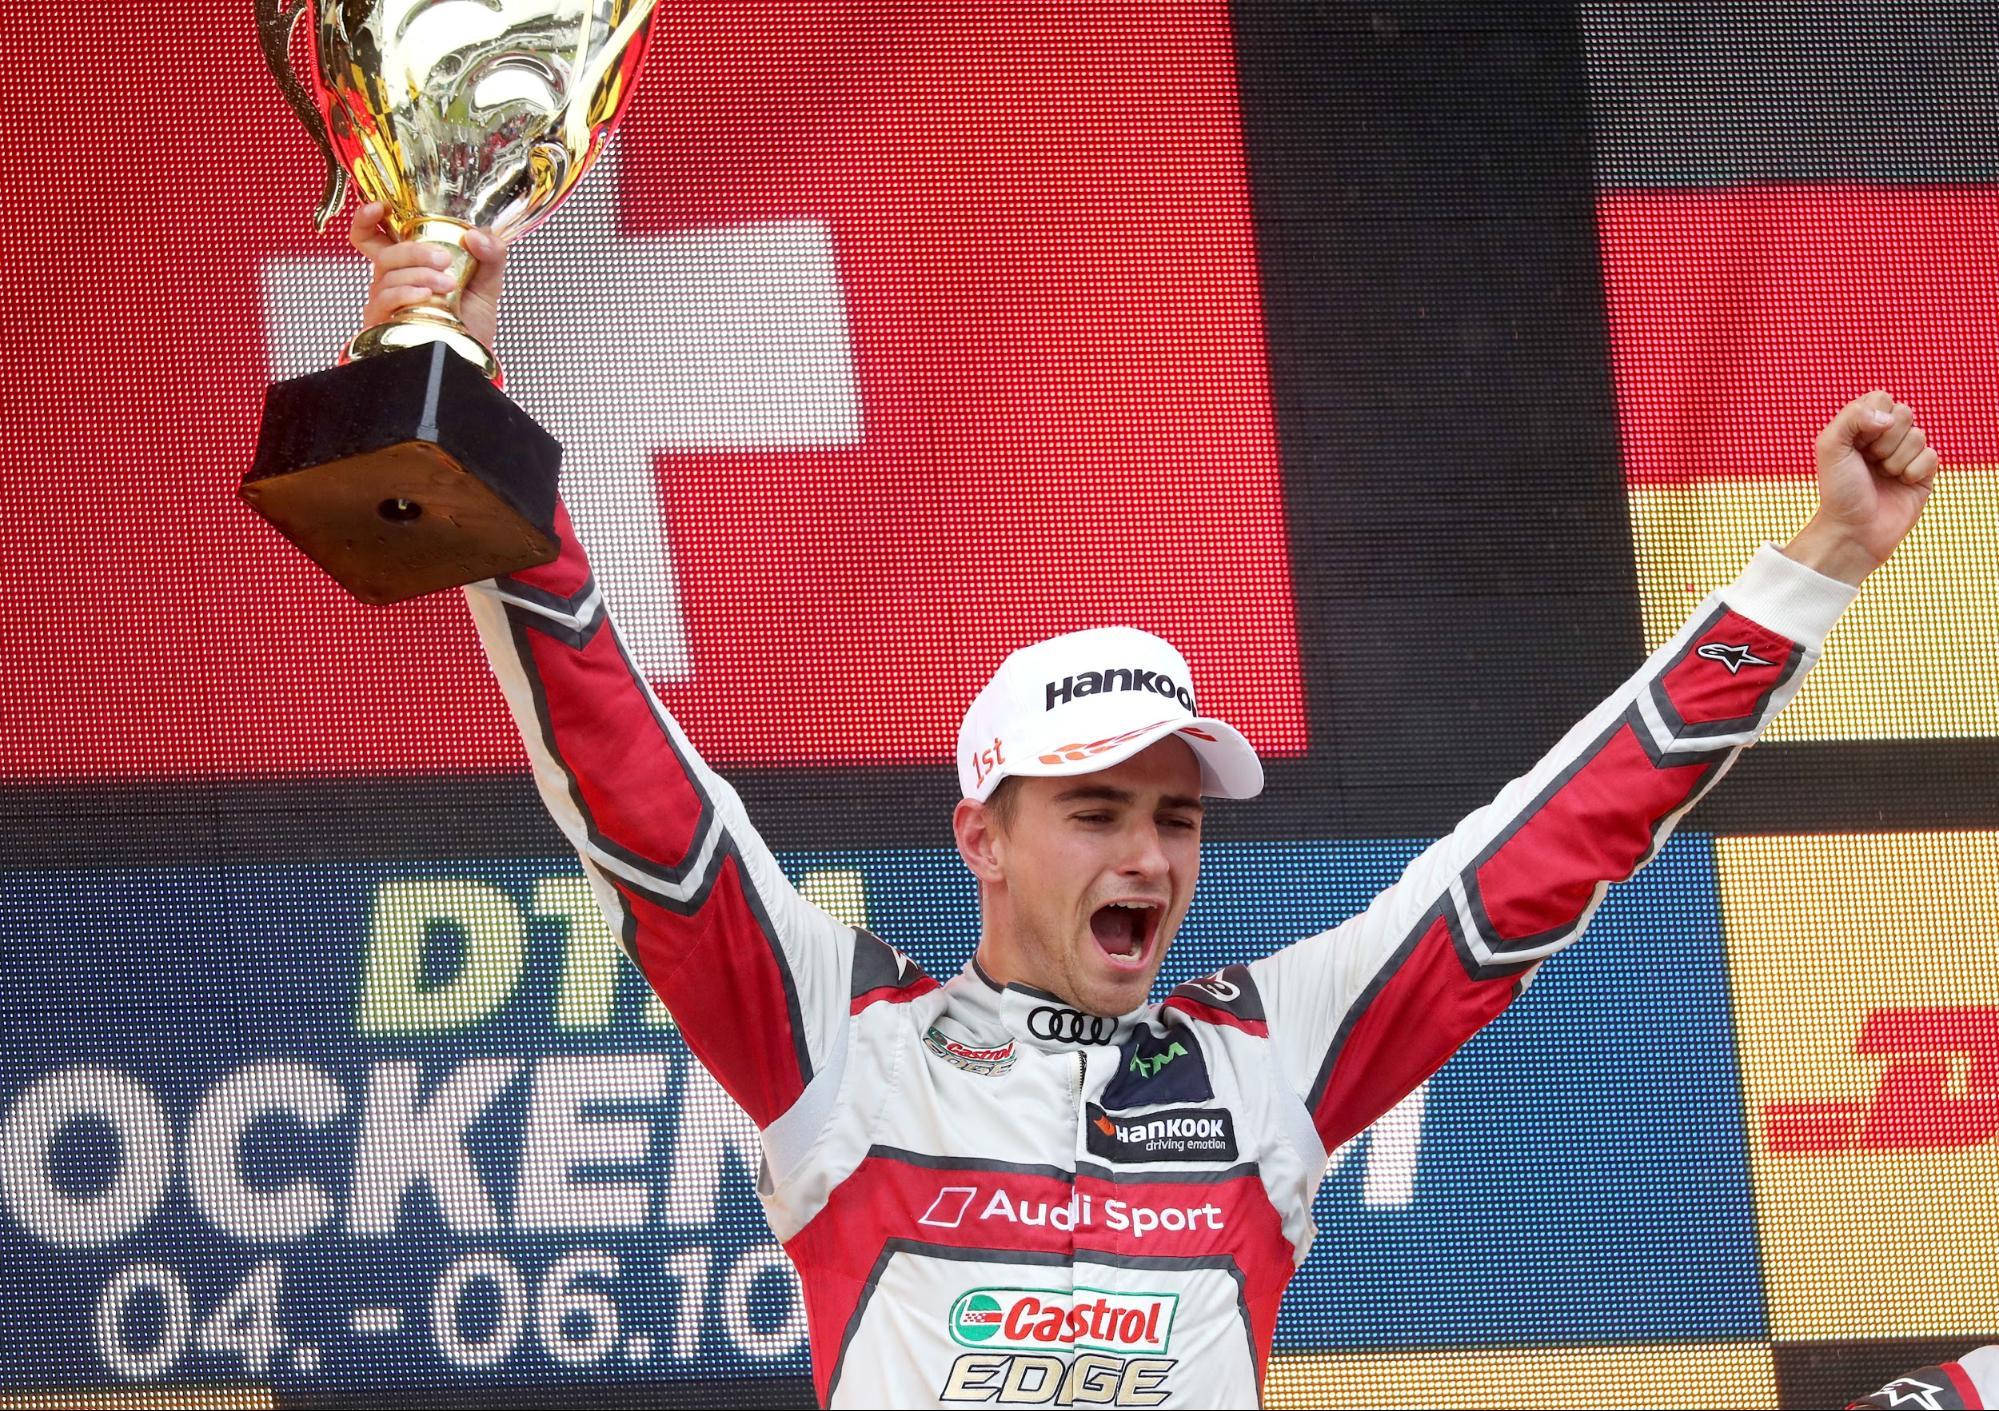 Der Gegner ist DTM-Vizeweltmeister: Nico Müller am 6. Oktober in Hockenheim (D). (AUDI)